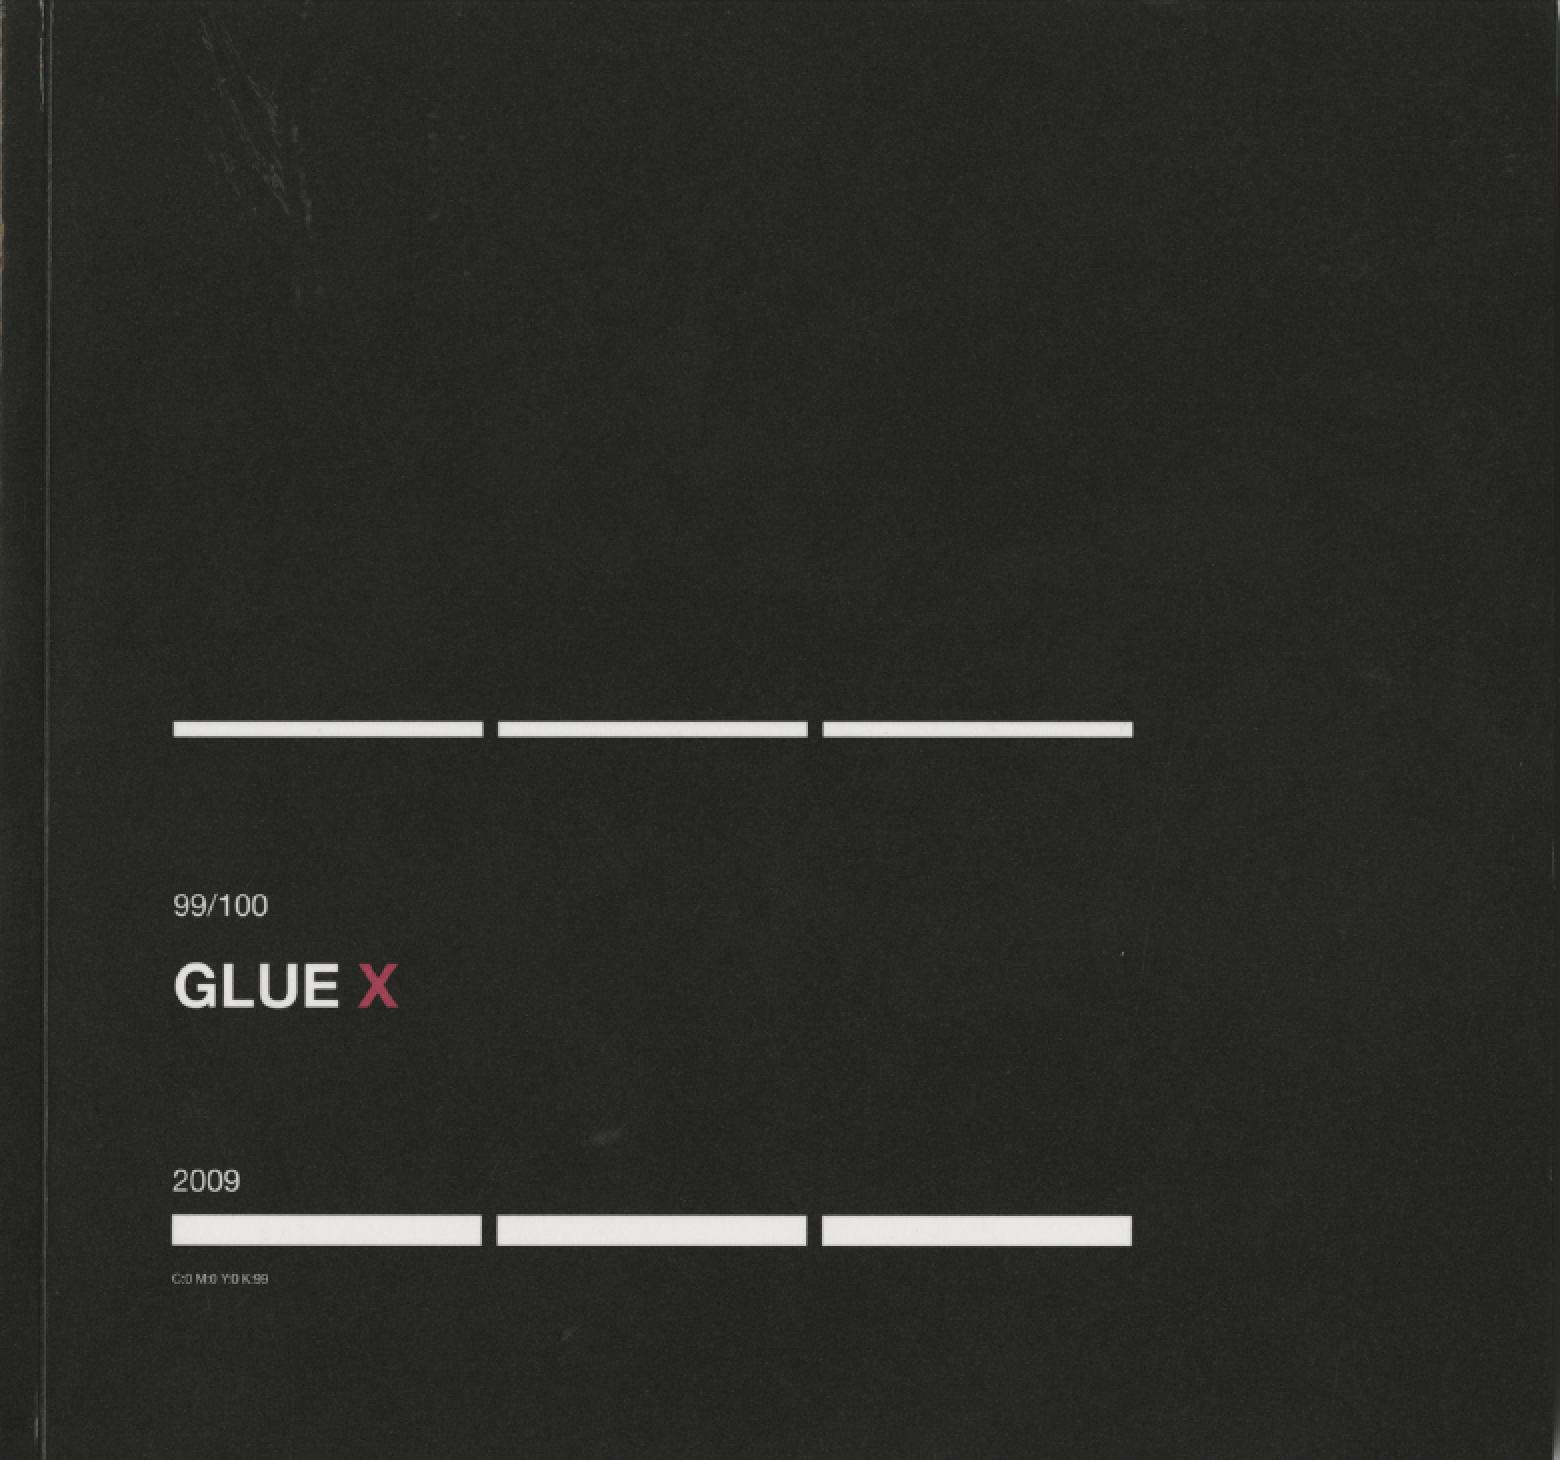 GLUE 10